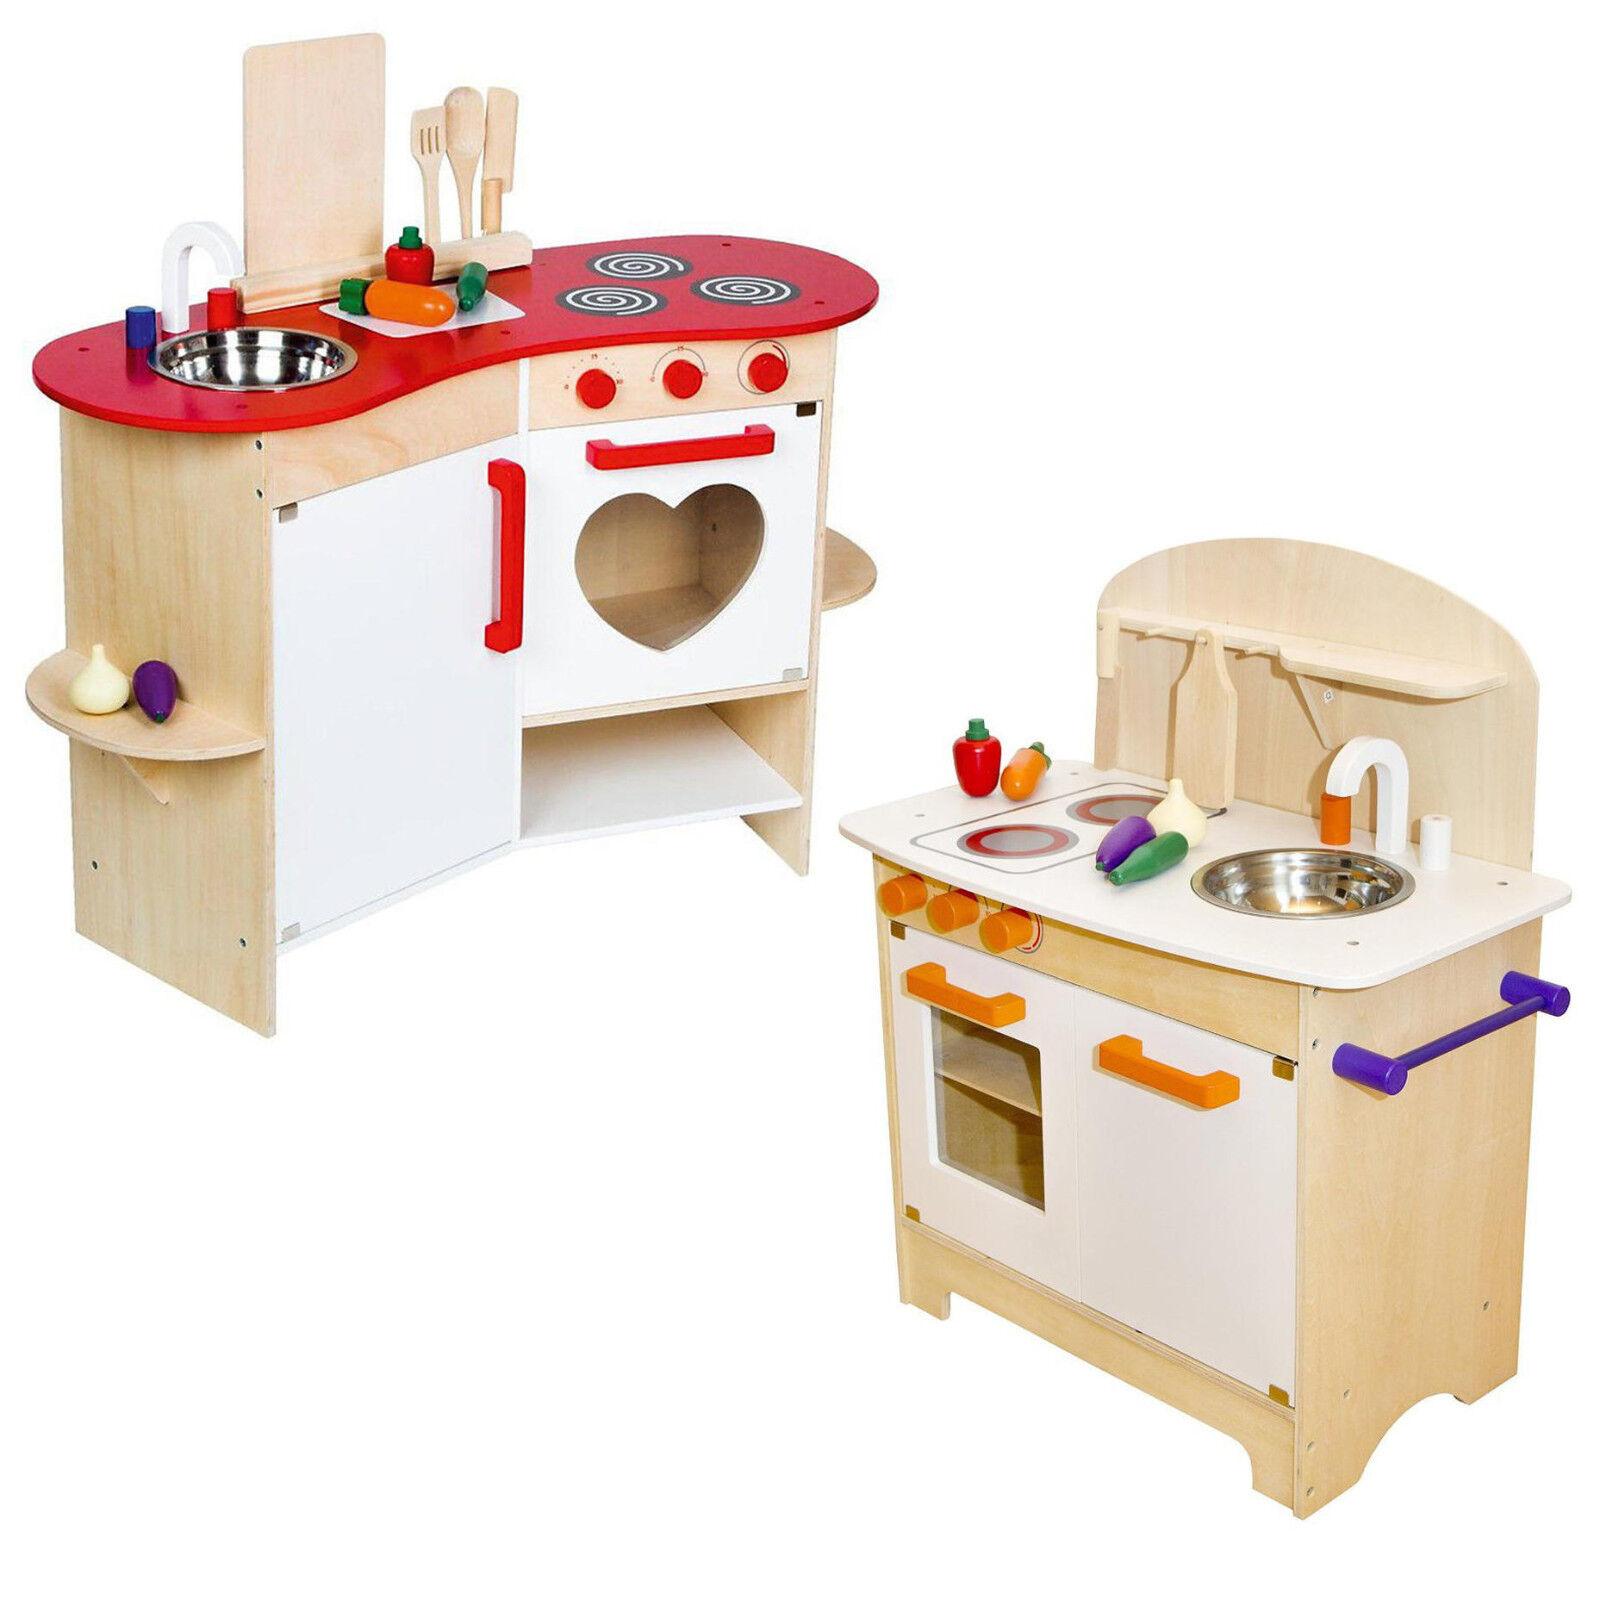 Kinderküche aus Holz Spielküche Küche Kinder Spielzeug Holzküche inkl. Zubehör